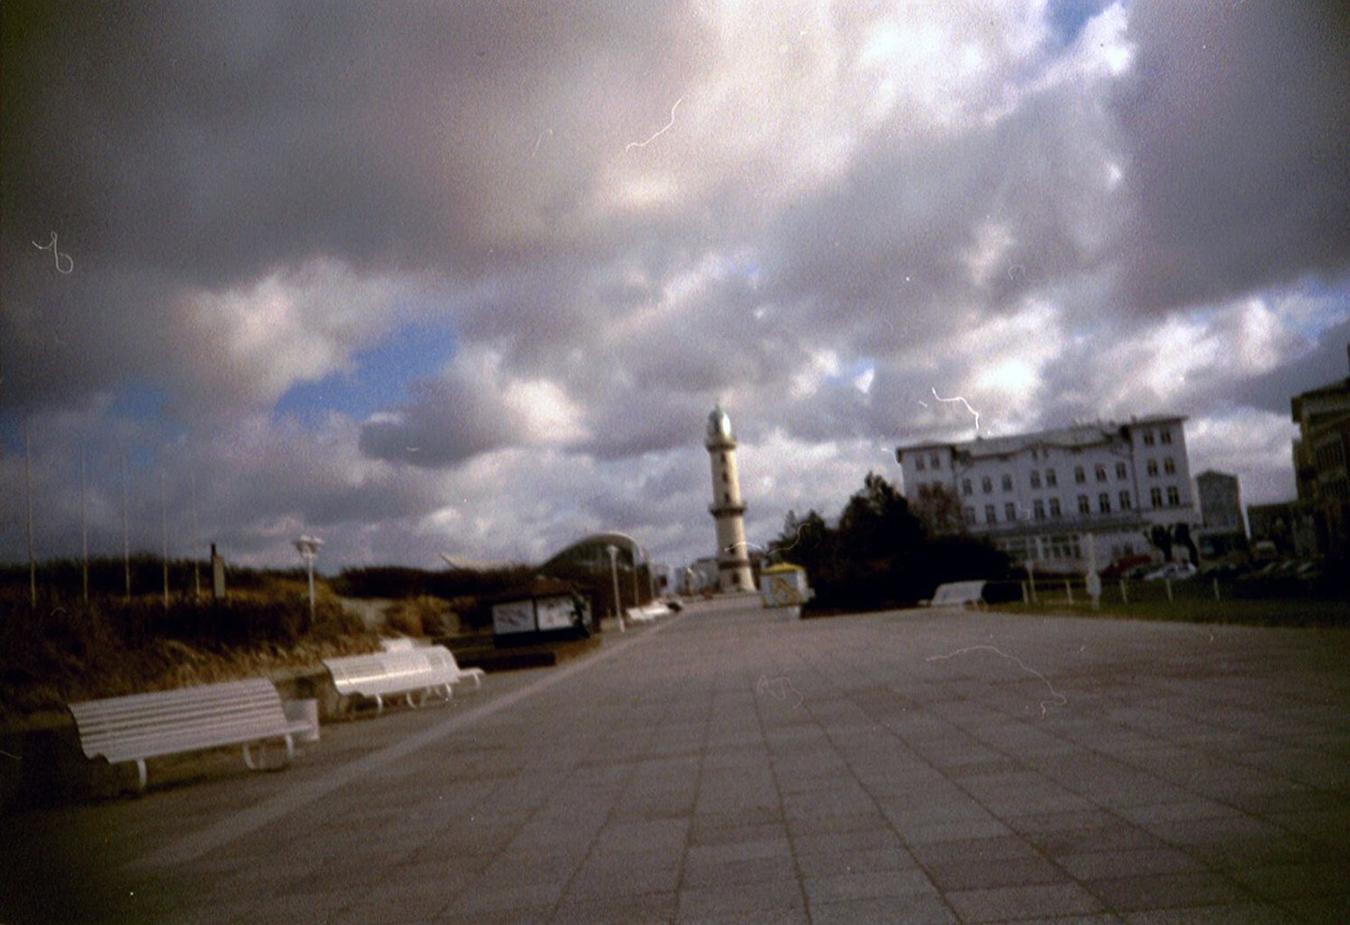 Lomografie - Promenade mit Leuchtturm in Warnemünde